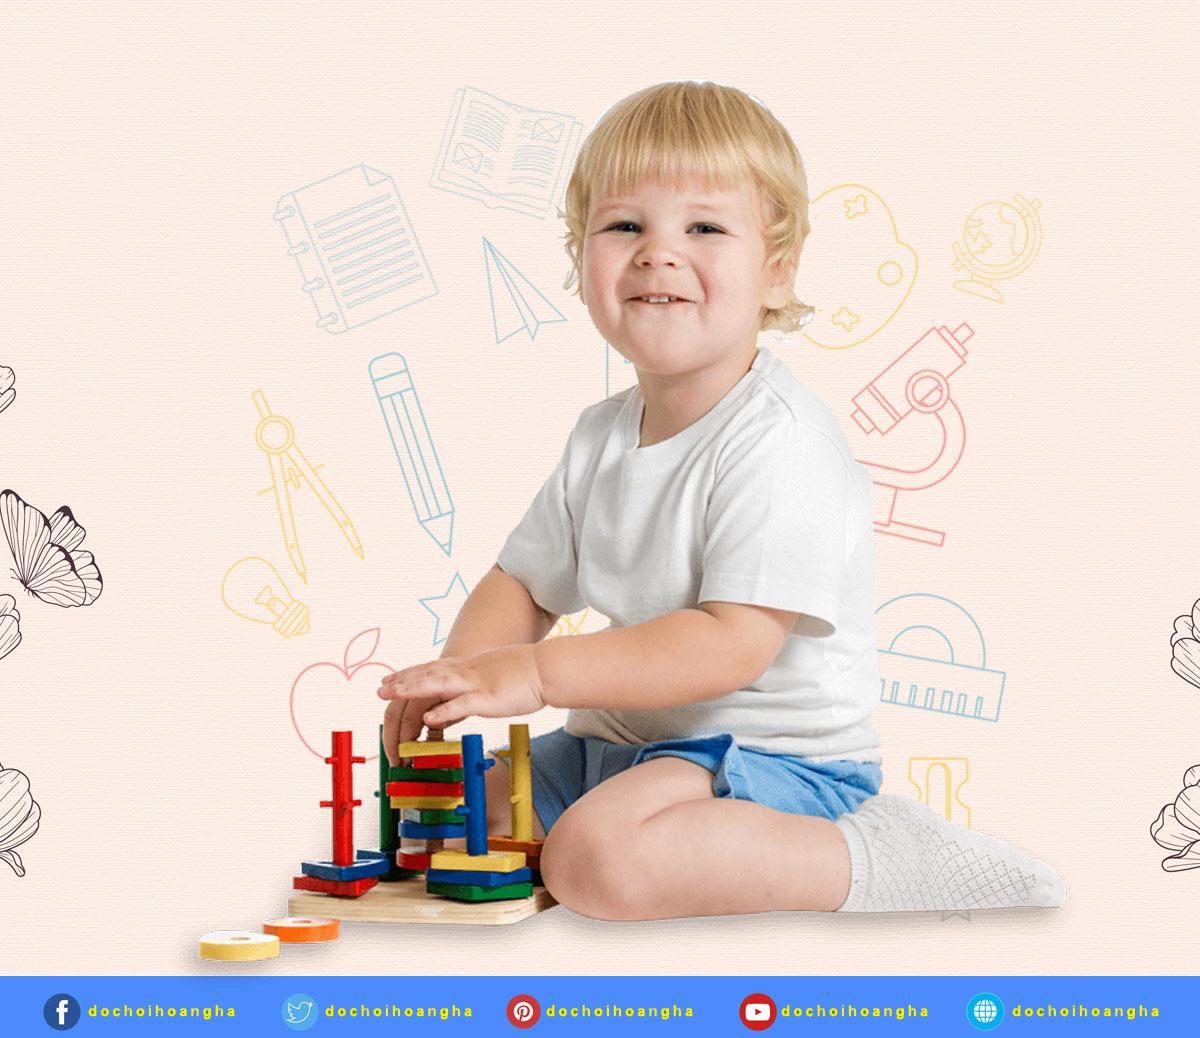 đồ chơi thả hình khối 5 cọc này bé sẽ vui biết nhường nào